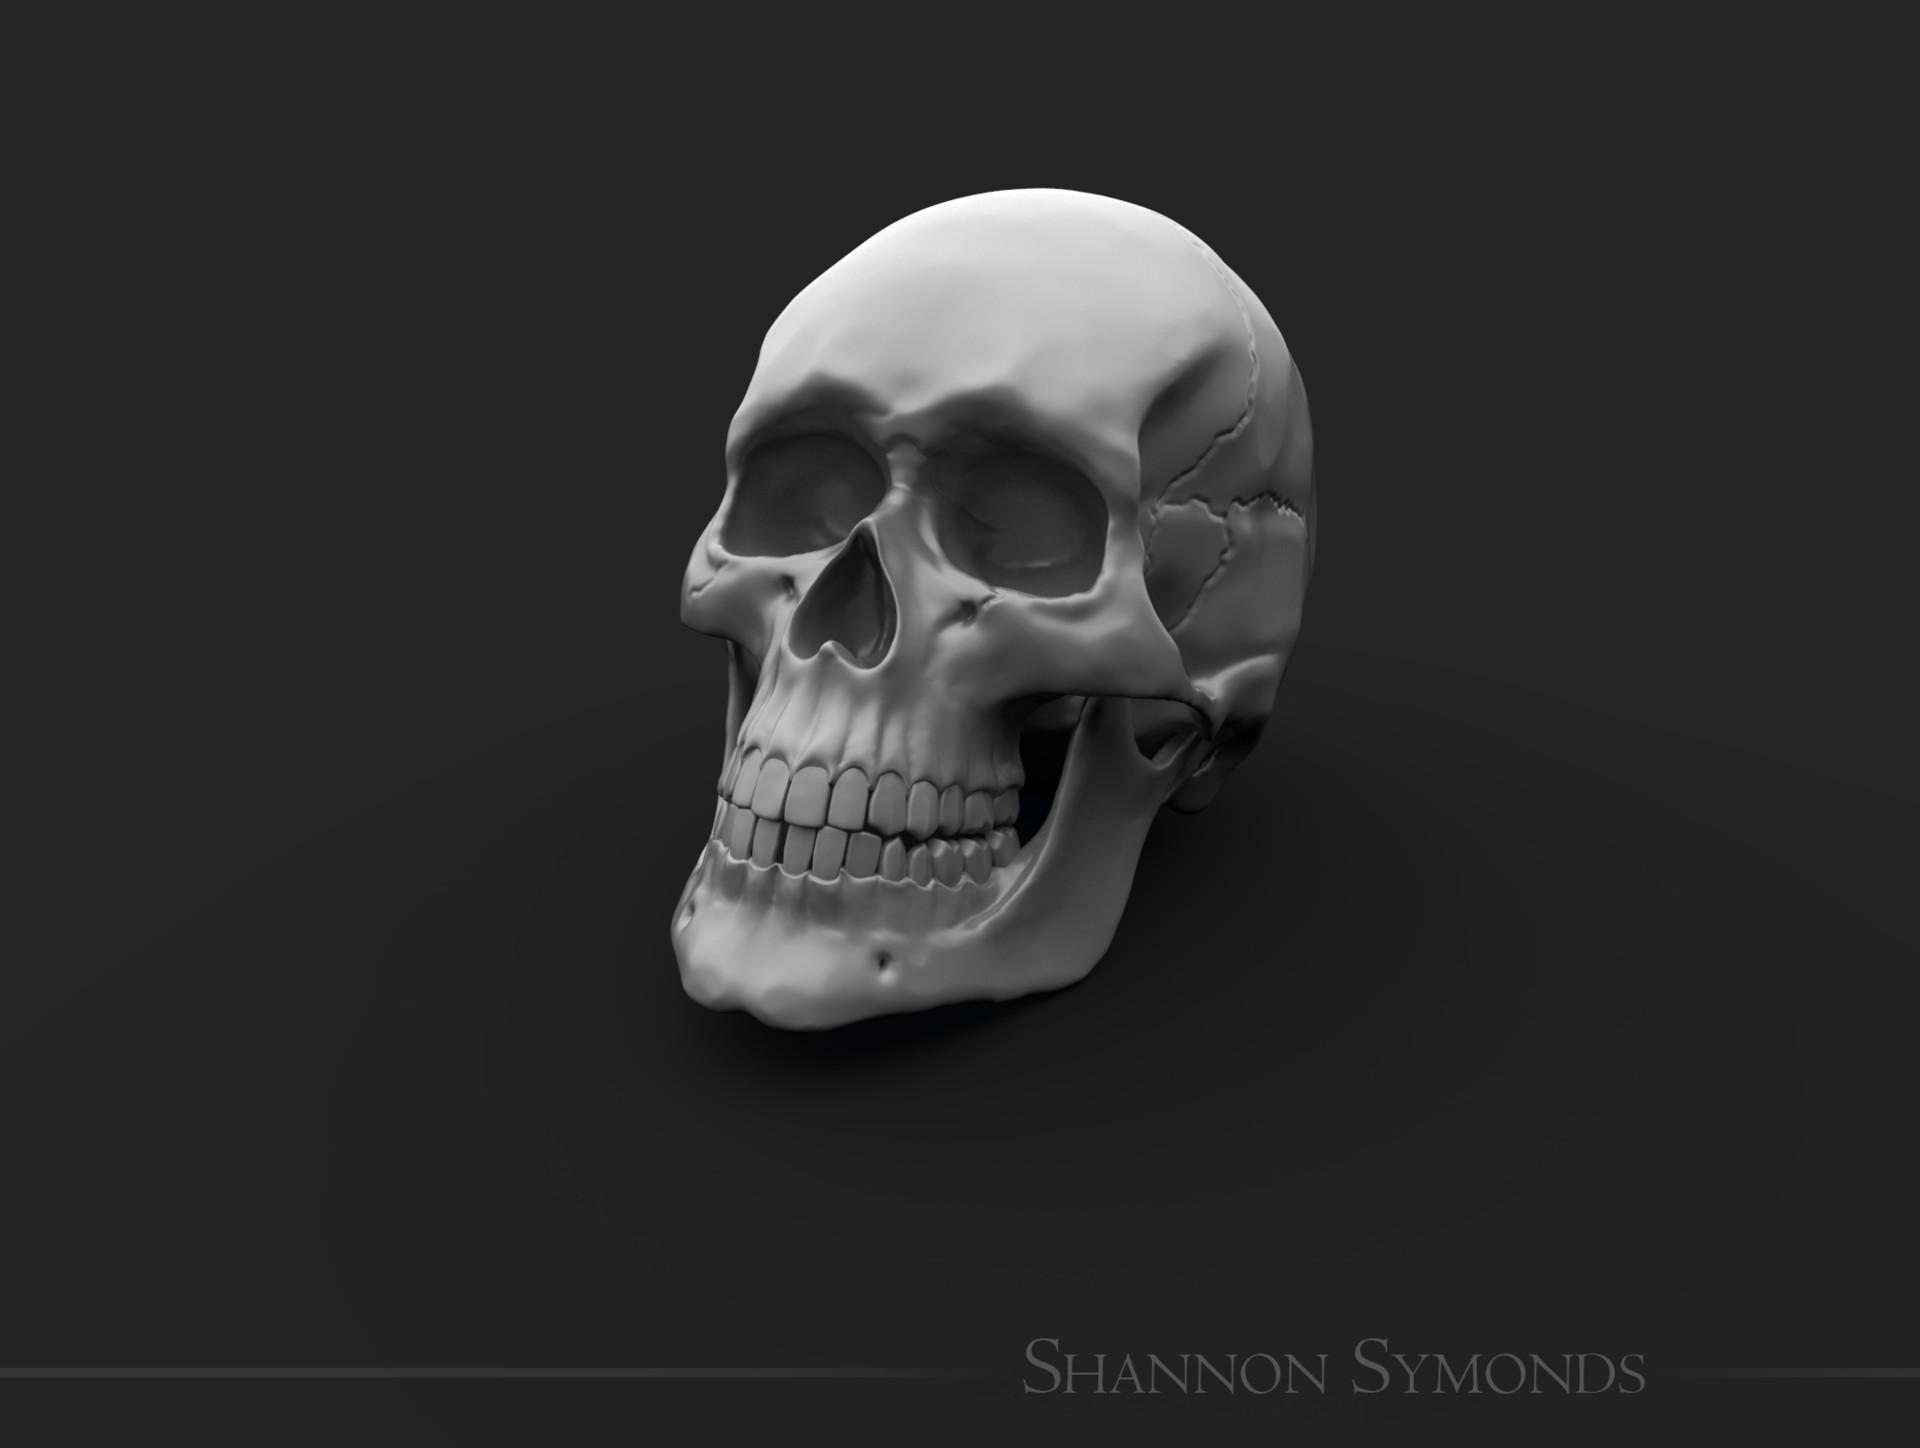 Shannon symonds skull